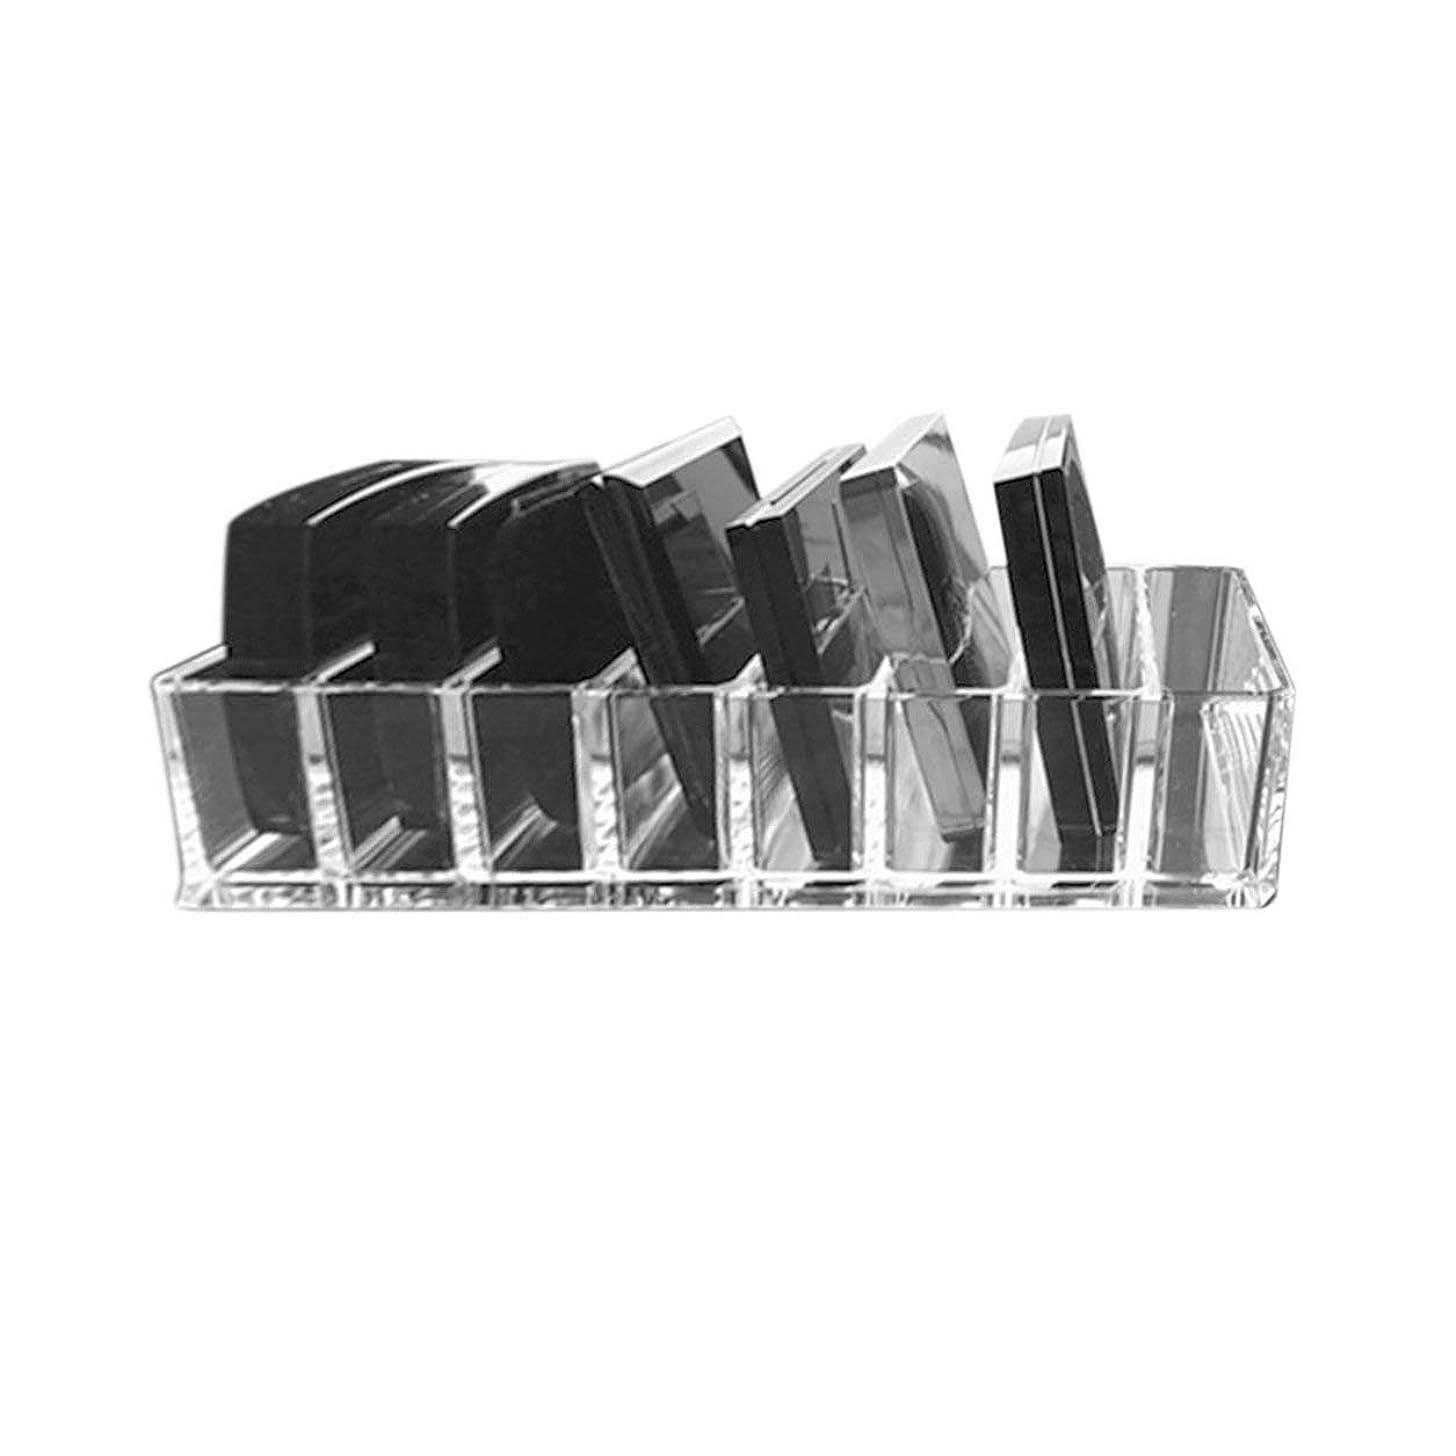 ゴールデントリム電話するSaikogoods 実用的な透明アクリルメイクアレンジストレージボックスリップスティックホルダー透明なマルチスロットデスクトップ化粧品オーガナイザー トランスペアレント